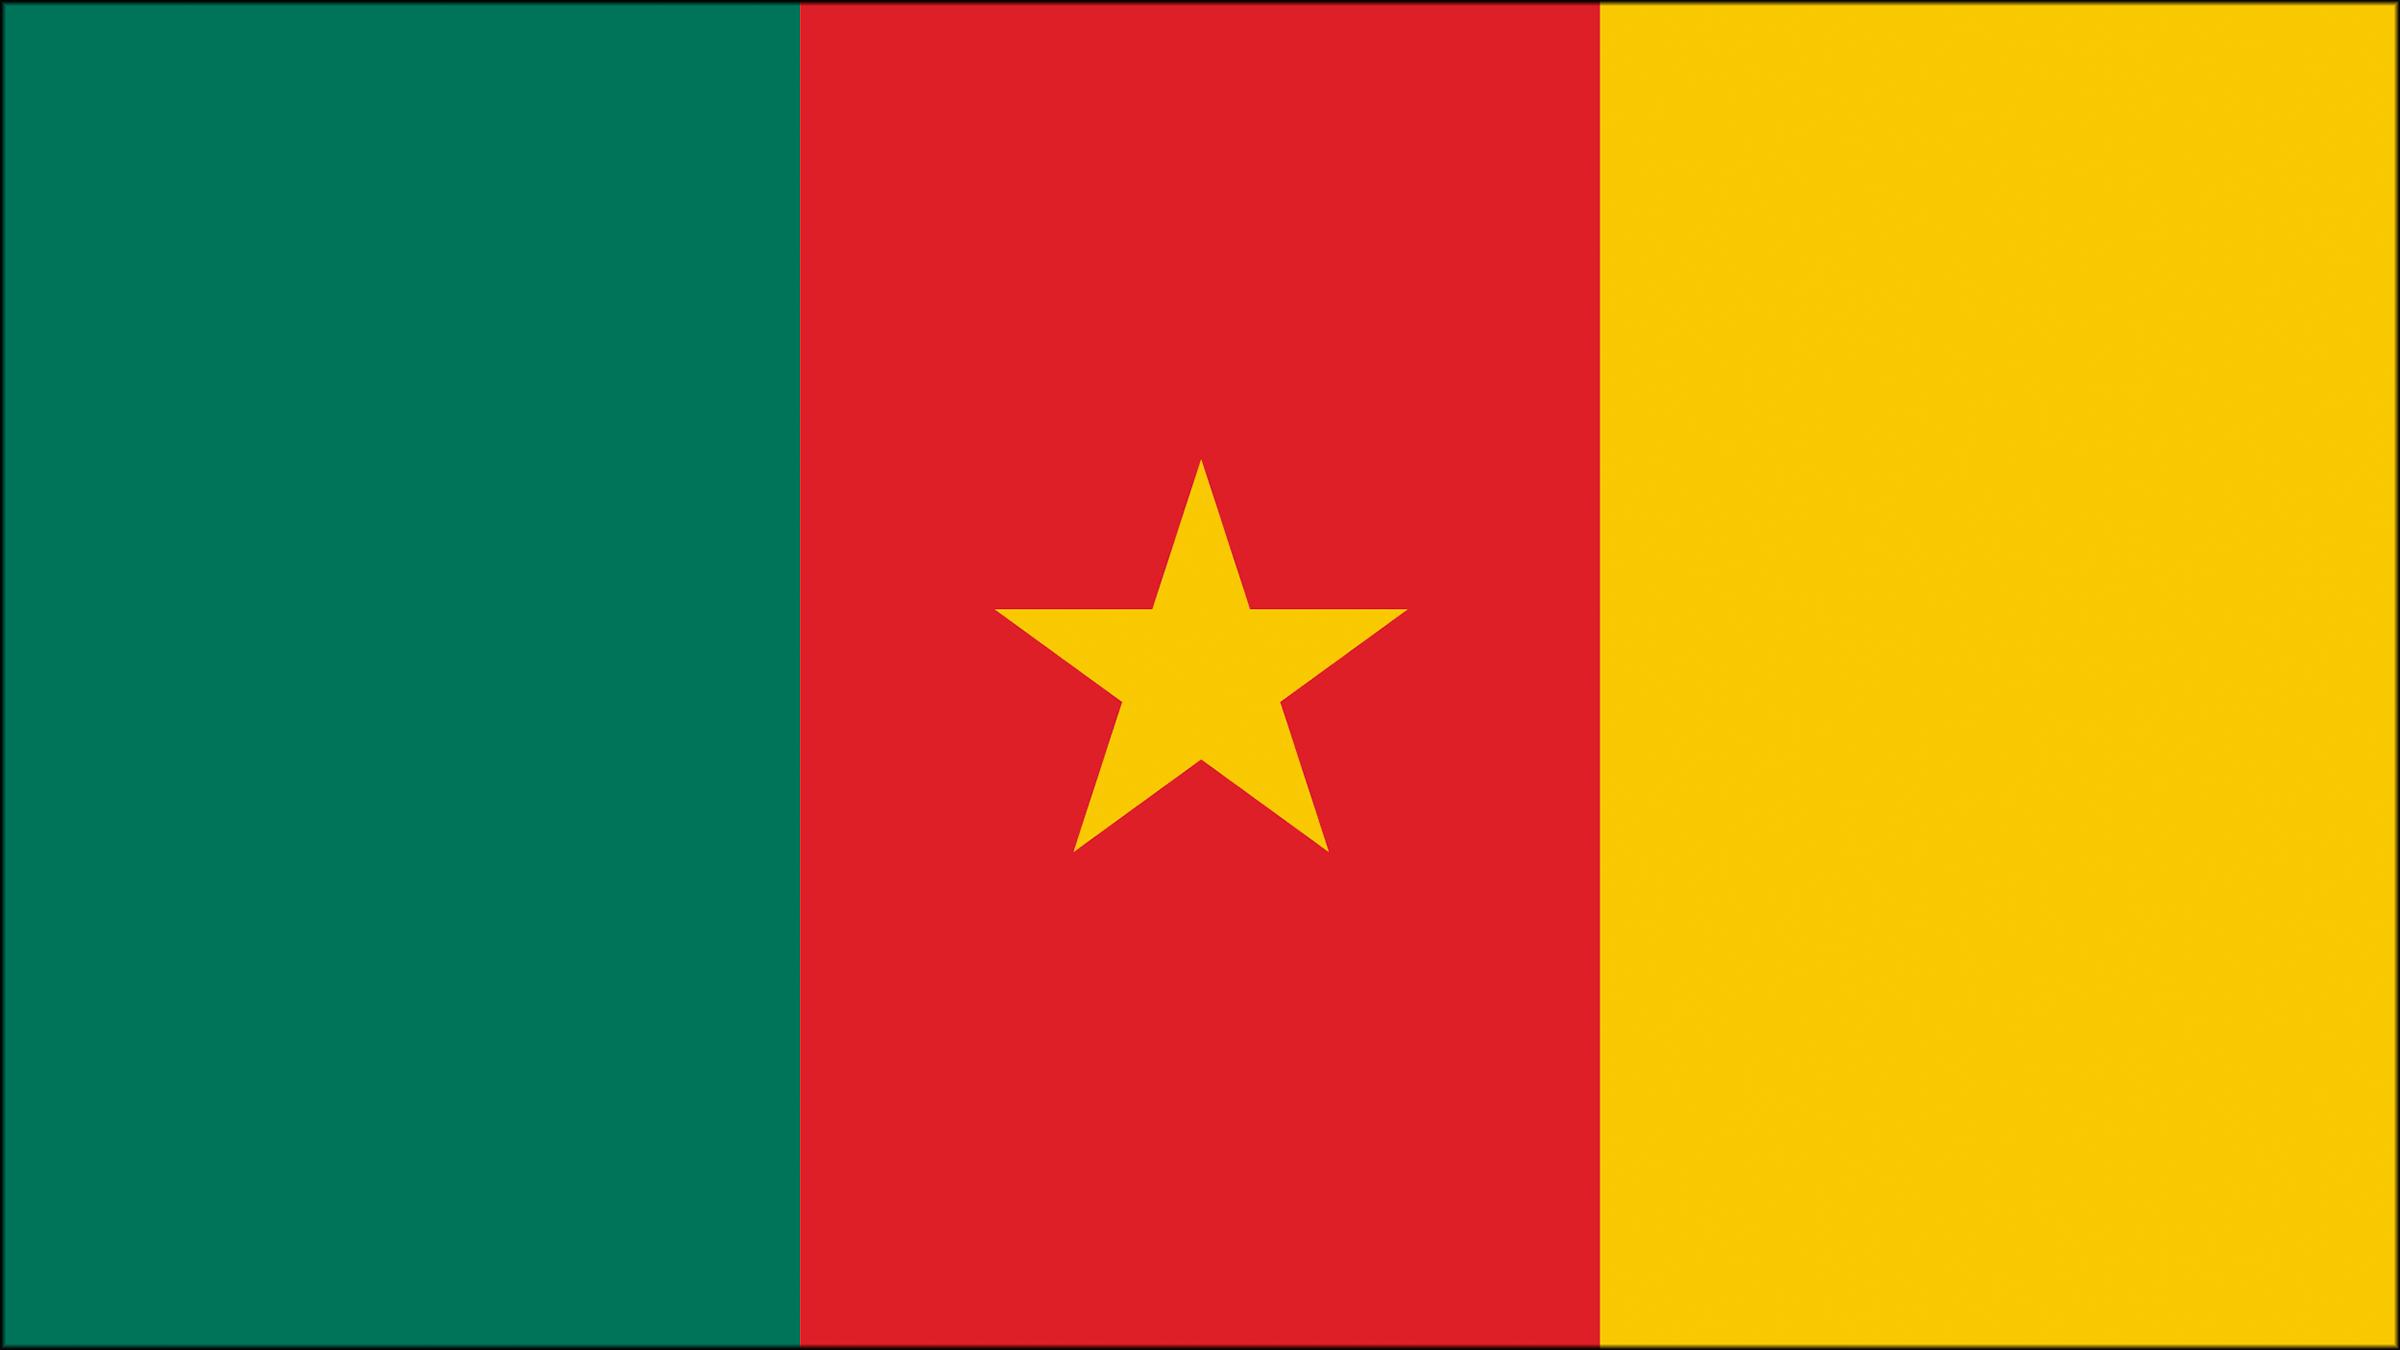 Bandera de Camern  Banderas y escudos  Pinterest  School